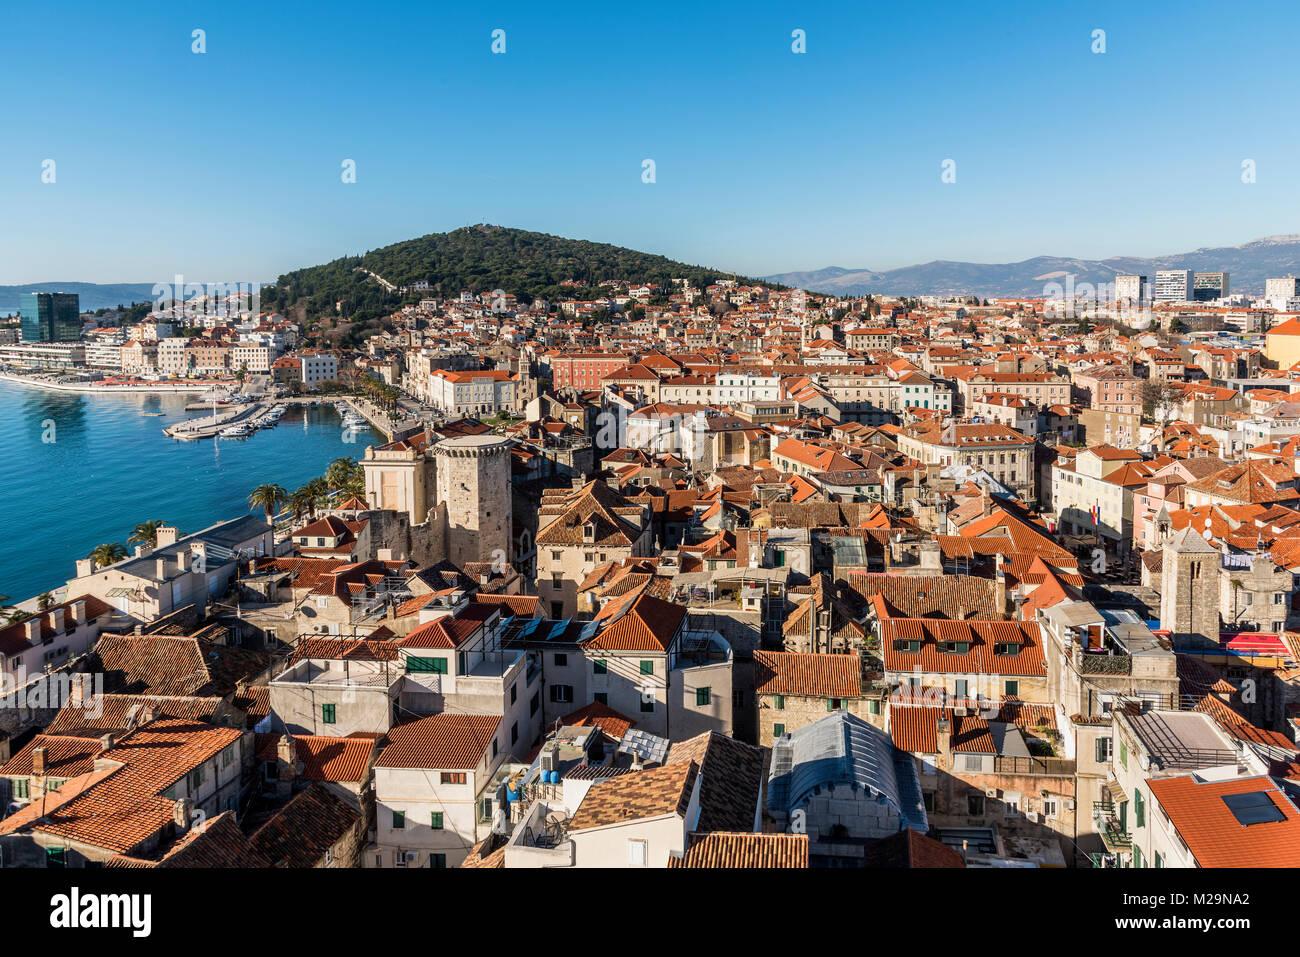 Città vecchia skyline, Split, Dalmazia, Croazia Immagini Stock